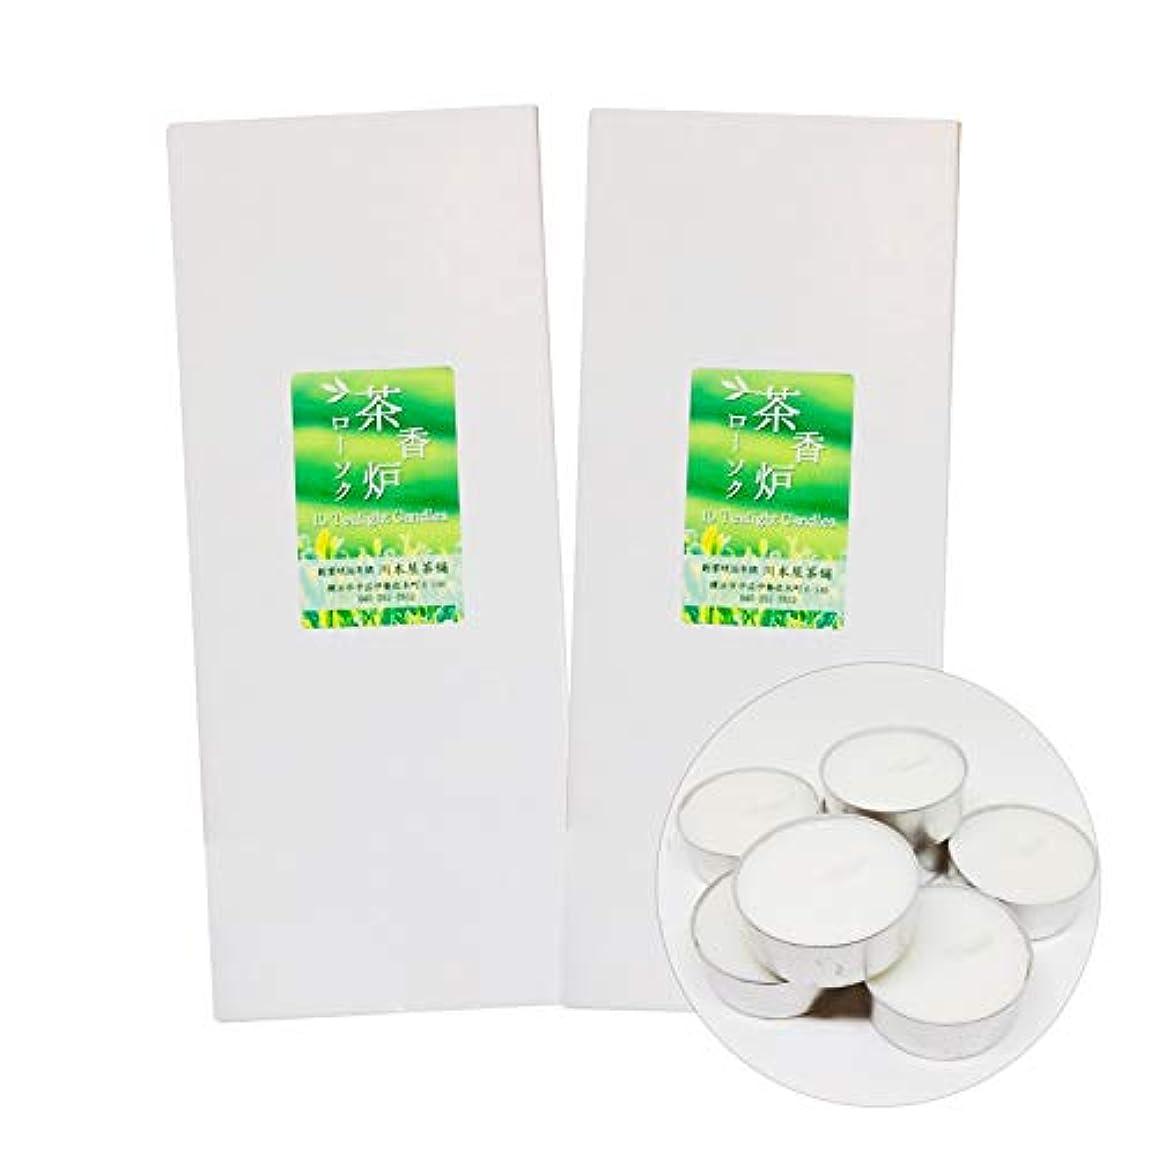 経済振る舞う後退する茶香炉専用 ろうそく キャンドル 10個入り 川本屋茶舗 (2箱)